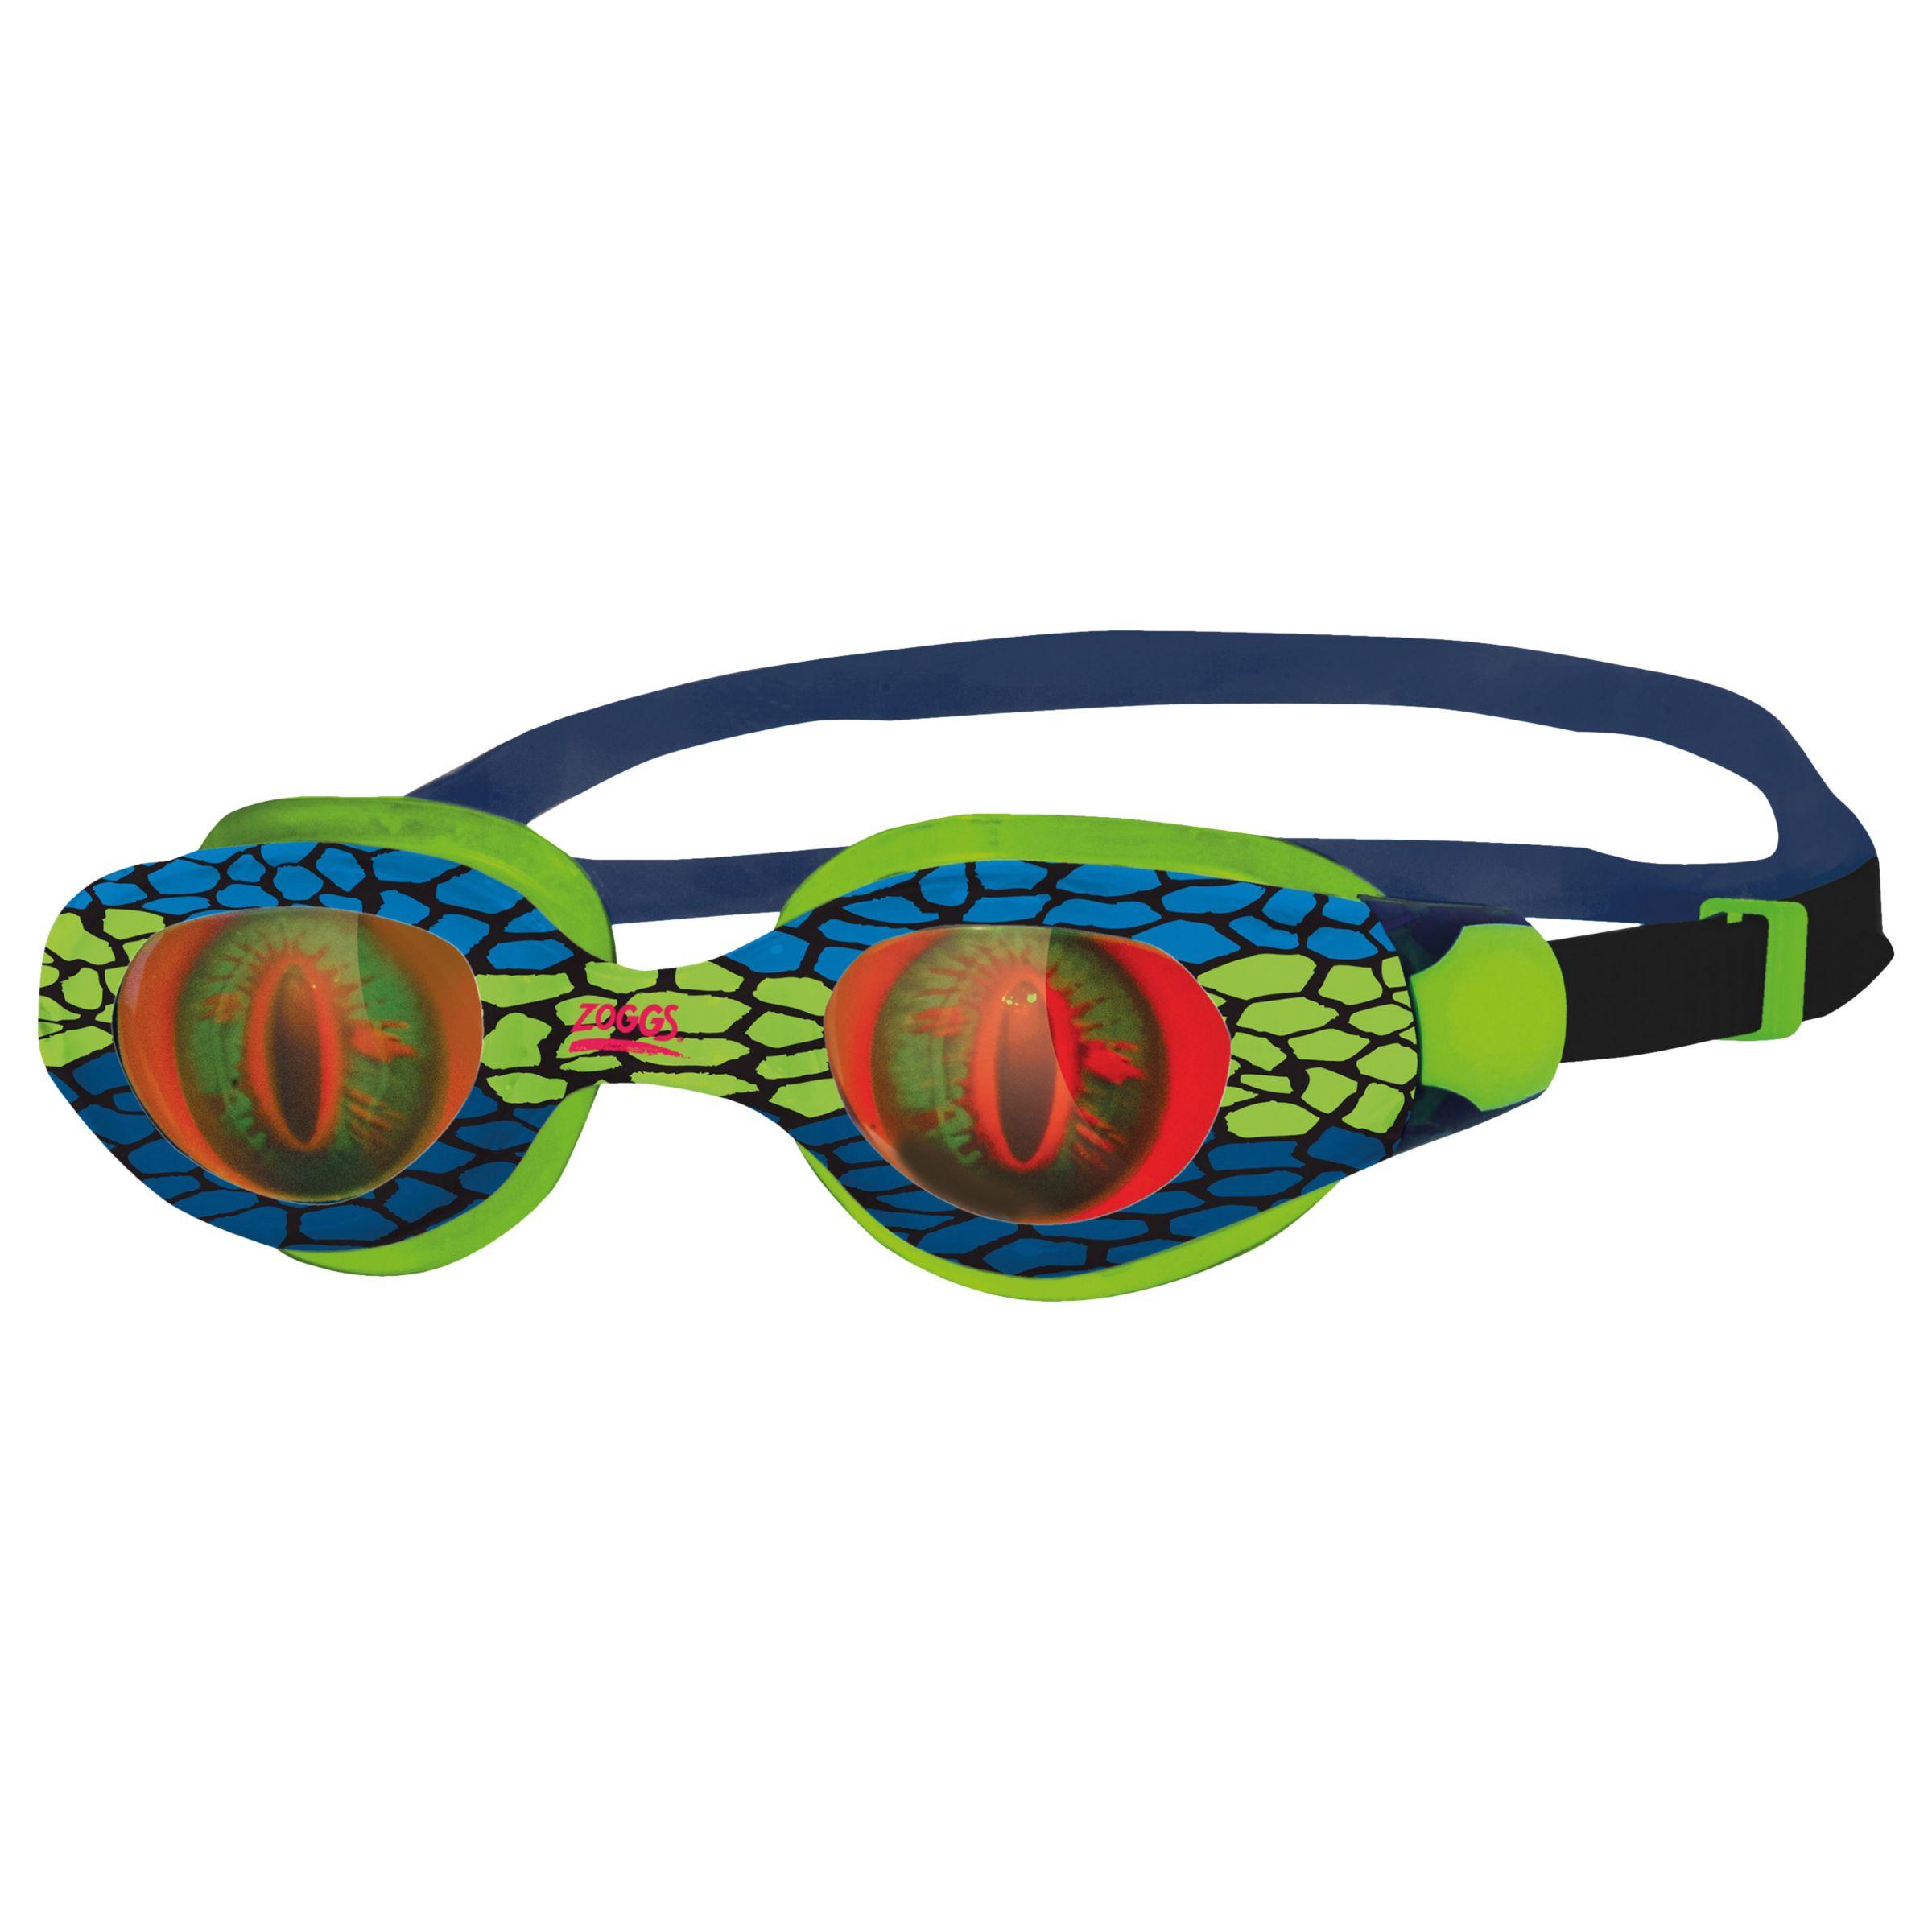 Zoggs Zoggs Sea Demon Junior Swimming Goggles, Green/Blue